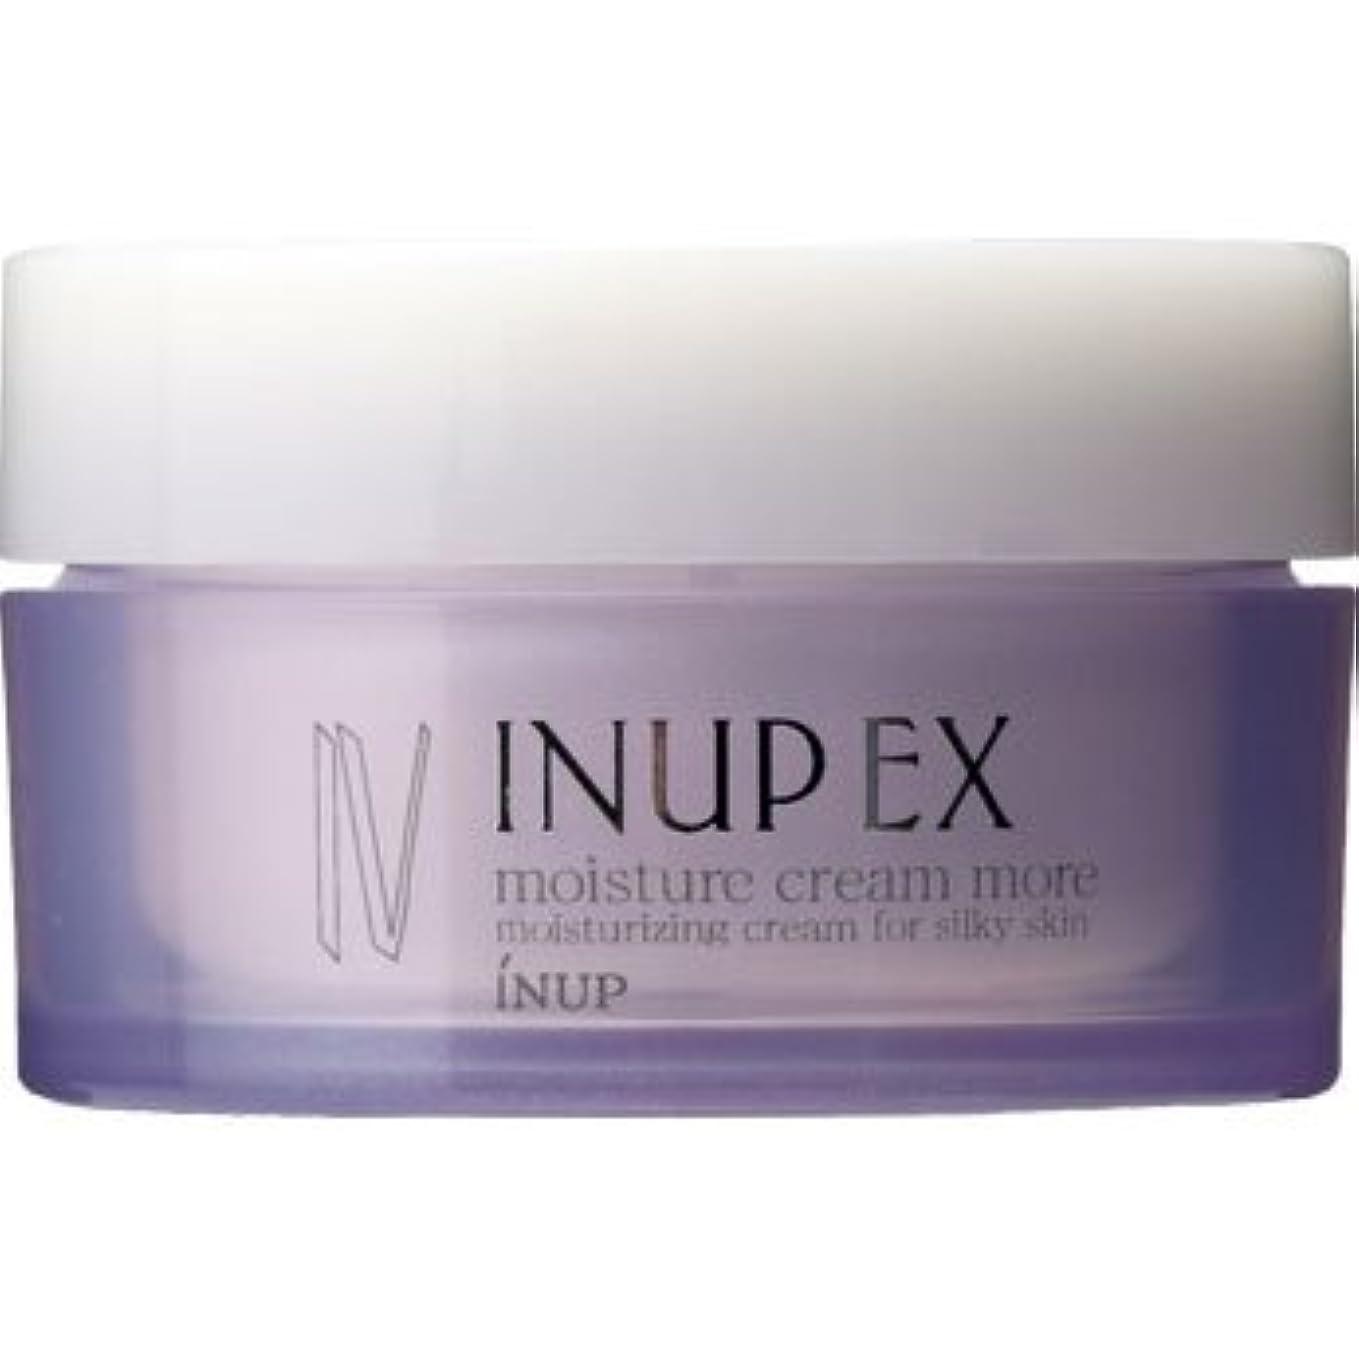 想定する代数的姉妹インナップEX 保湿クリーム (潤い効果アップ) モイスチャークリーム MD (スパチュラ付)[弱酸性] 30g